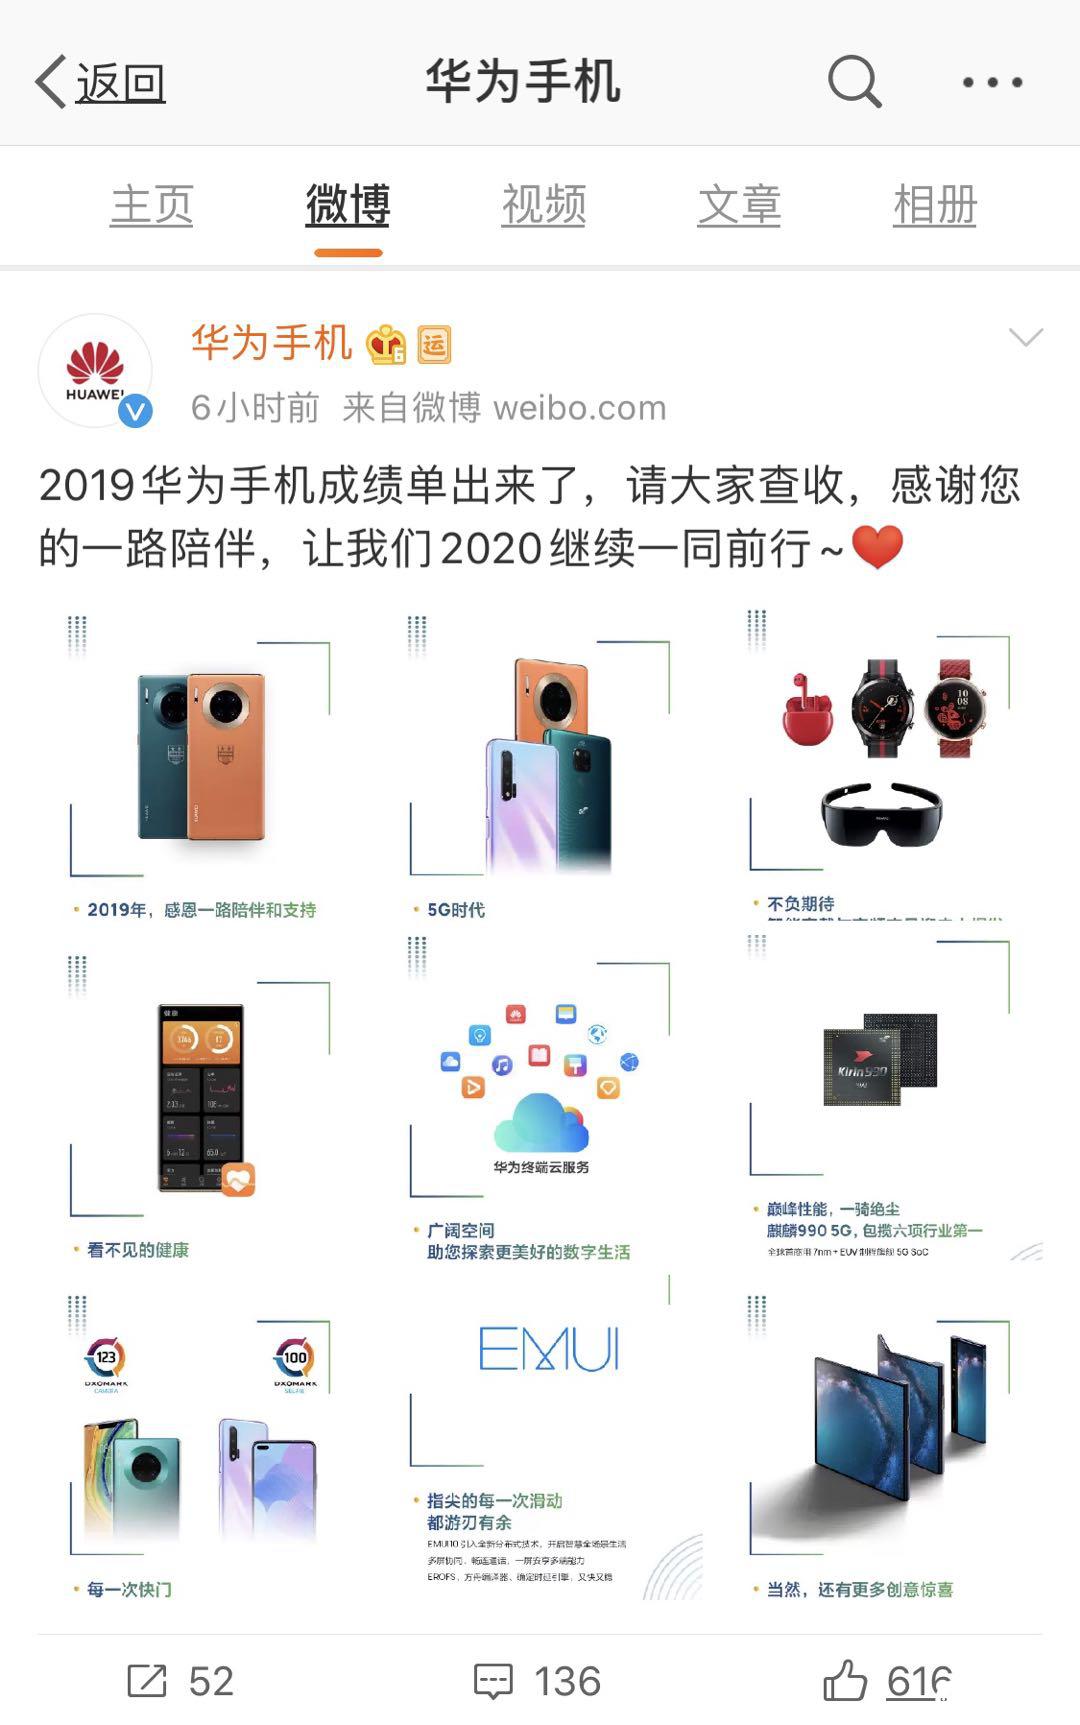 2019年华为智能手机发货超2.4亿台,其中5G手机发货690万台